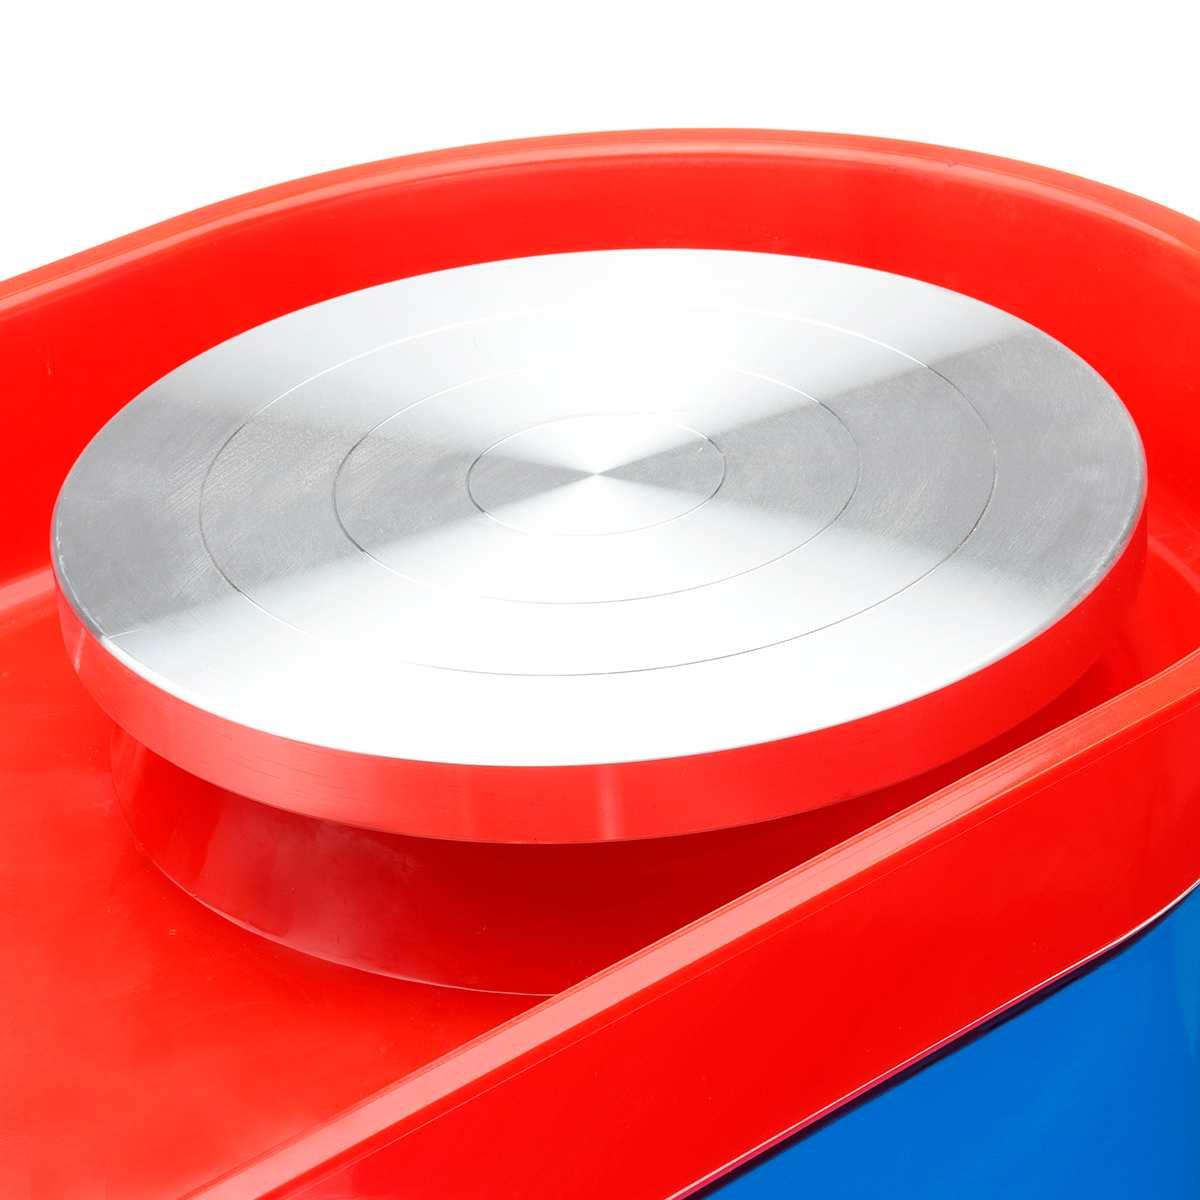 US Plug 350 W 110/220 V poterie électrique roue en céramique Machine poterie formant la Machine argile pour travaux pratiques outil céramique travail céramique argile - 4